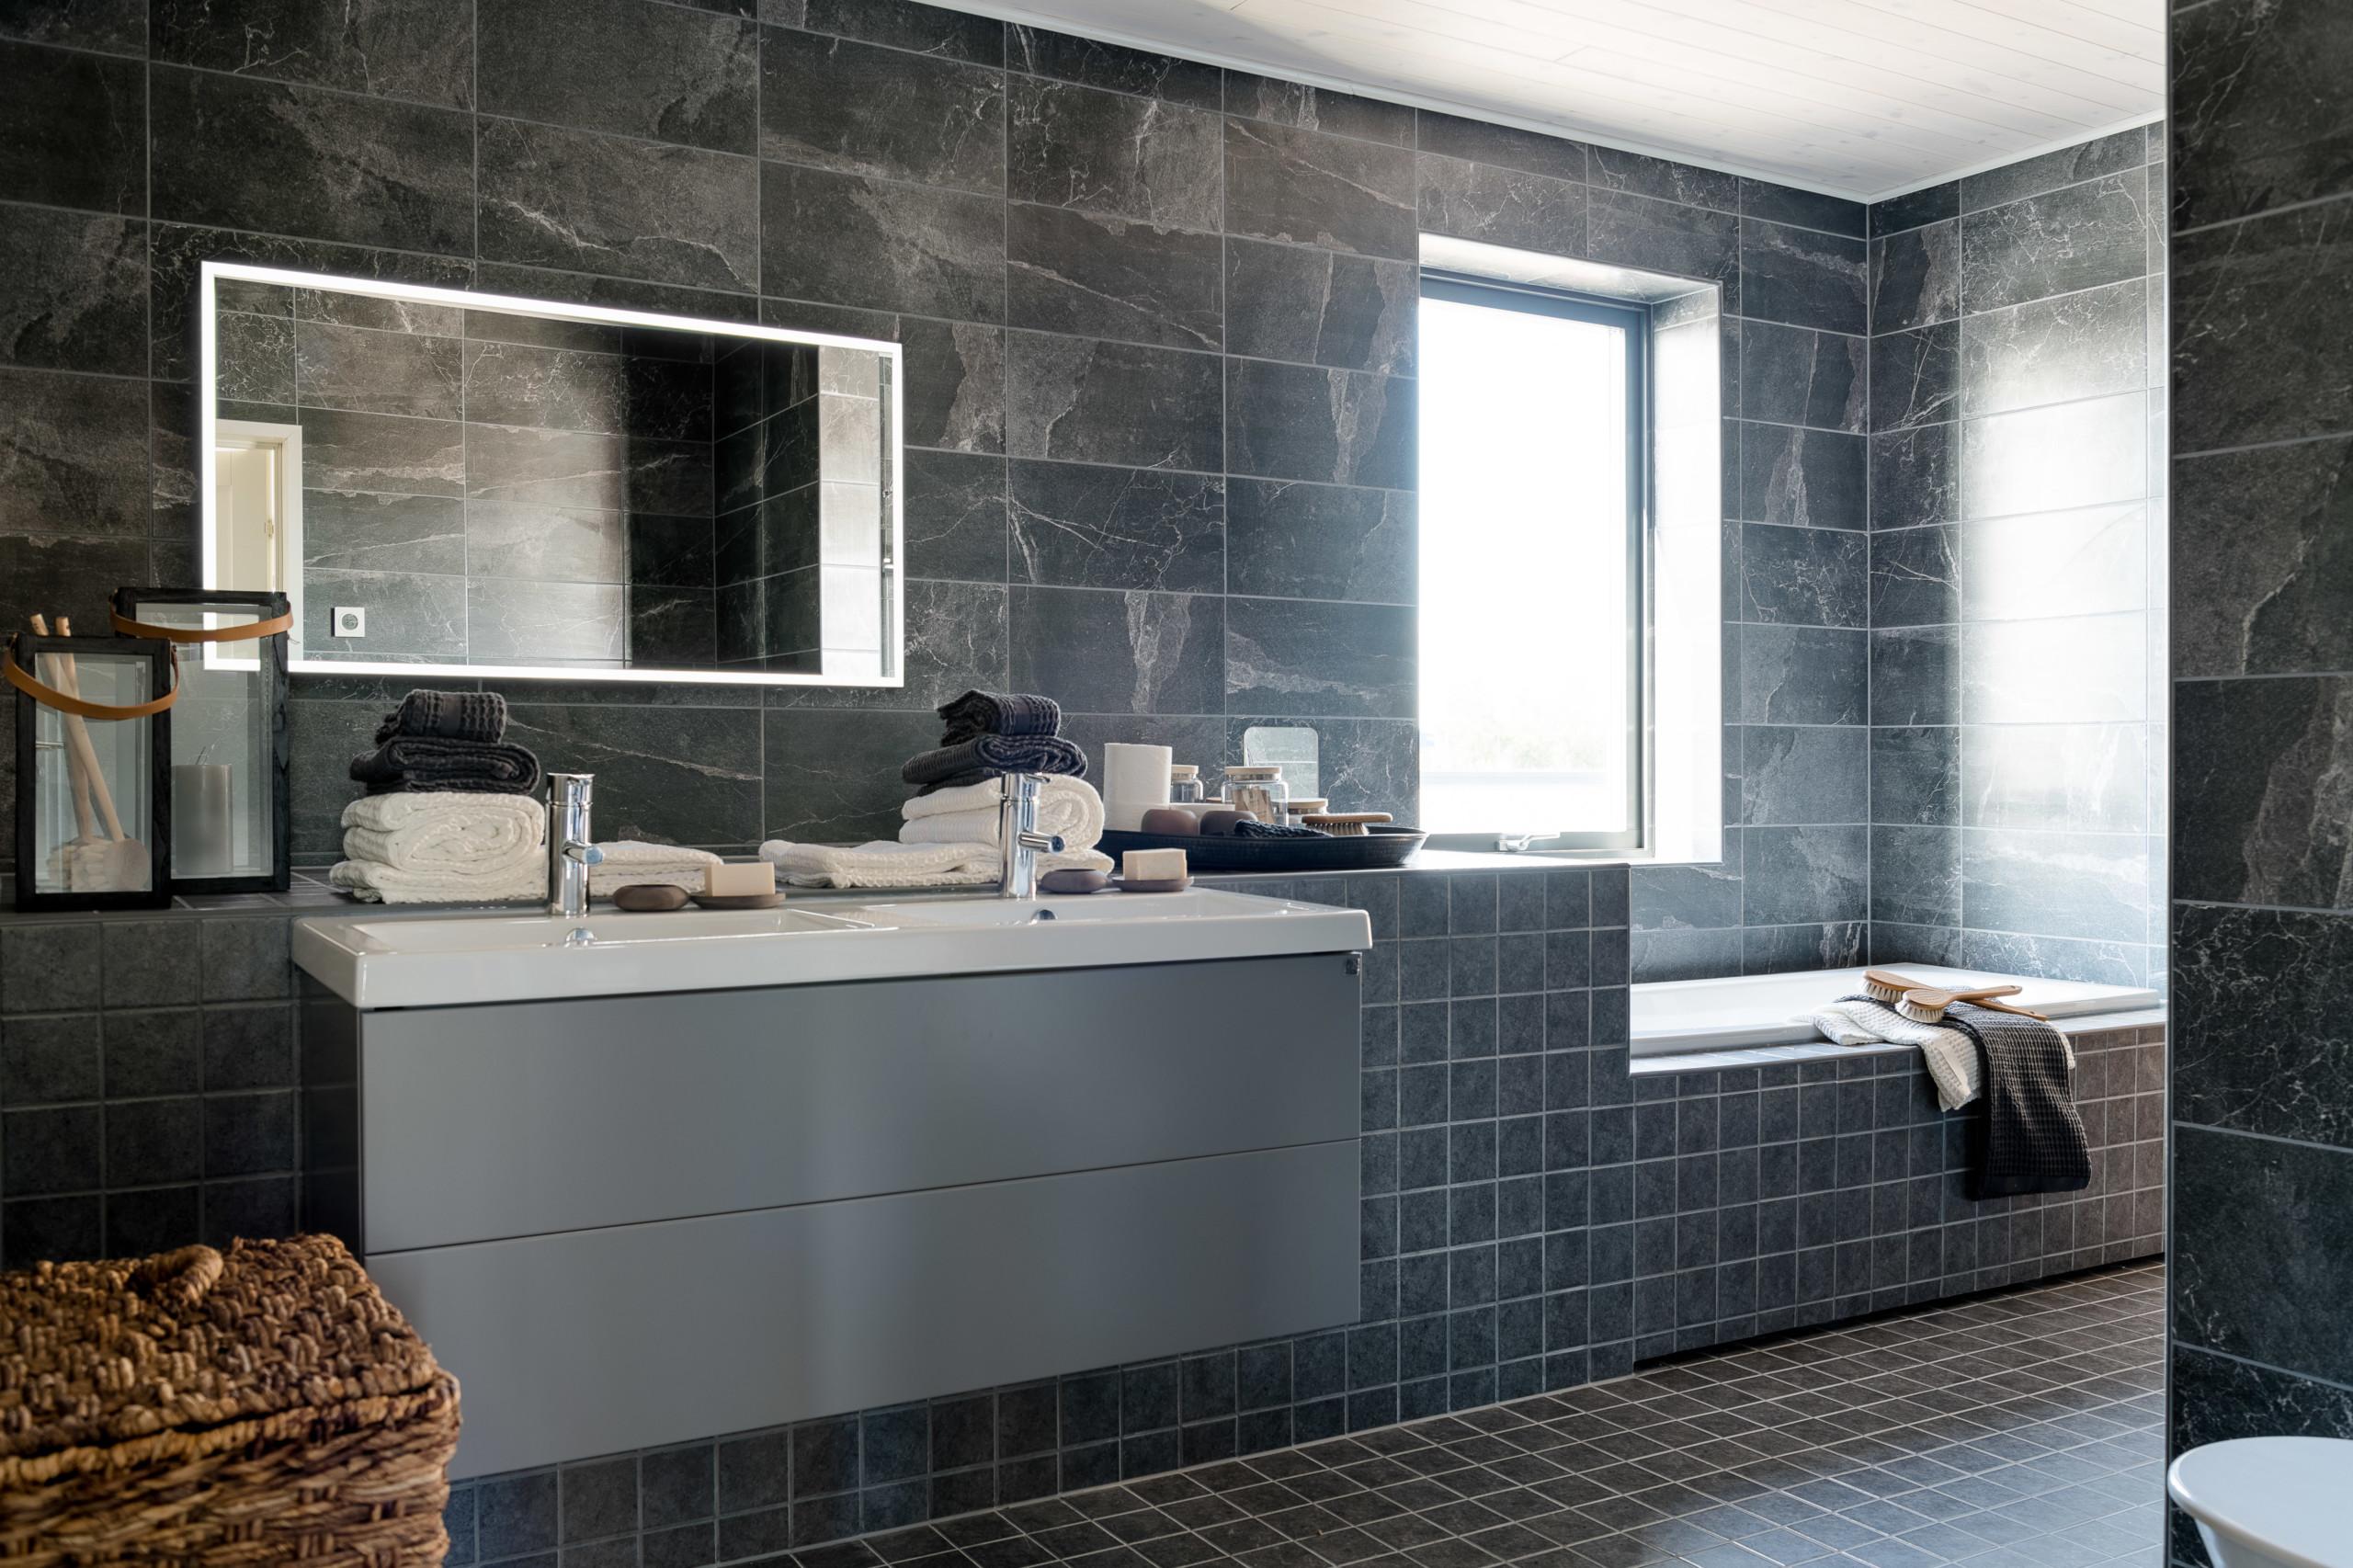 kylpyhuone kohteessa fiskarhedenvillan pohjanvalo